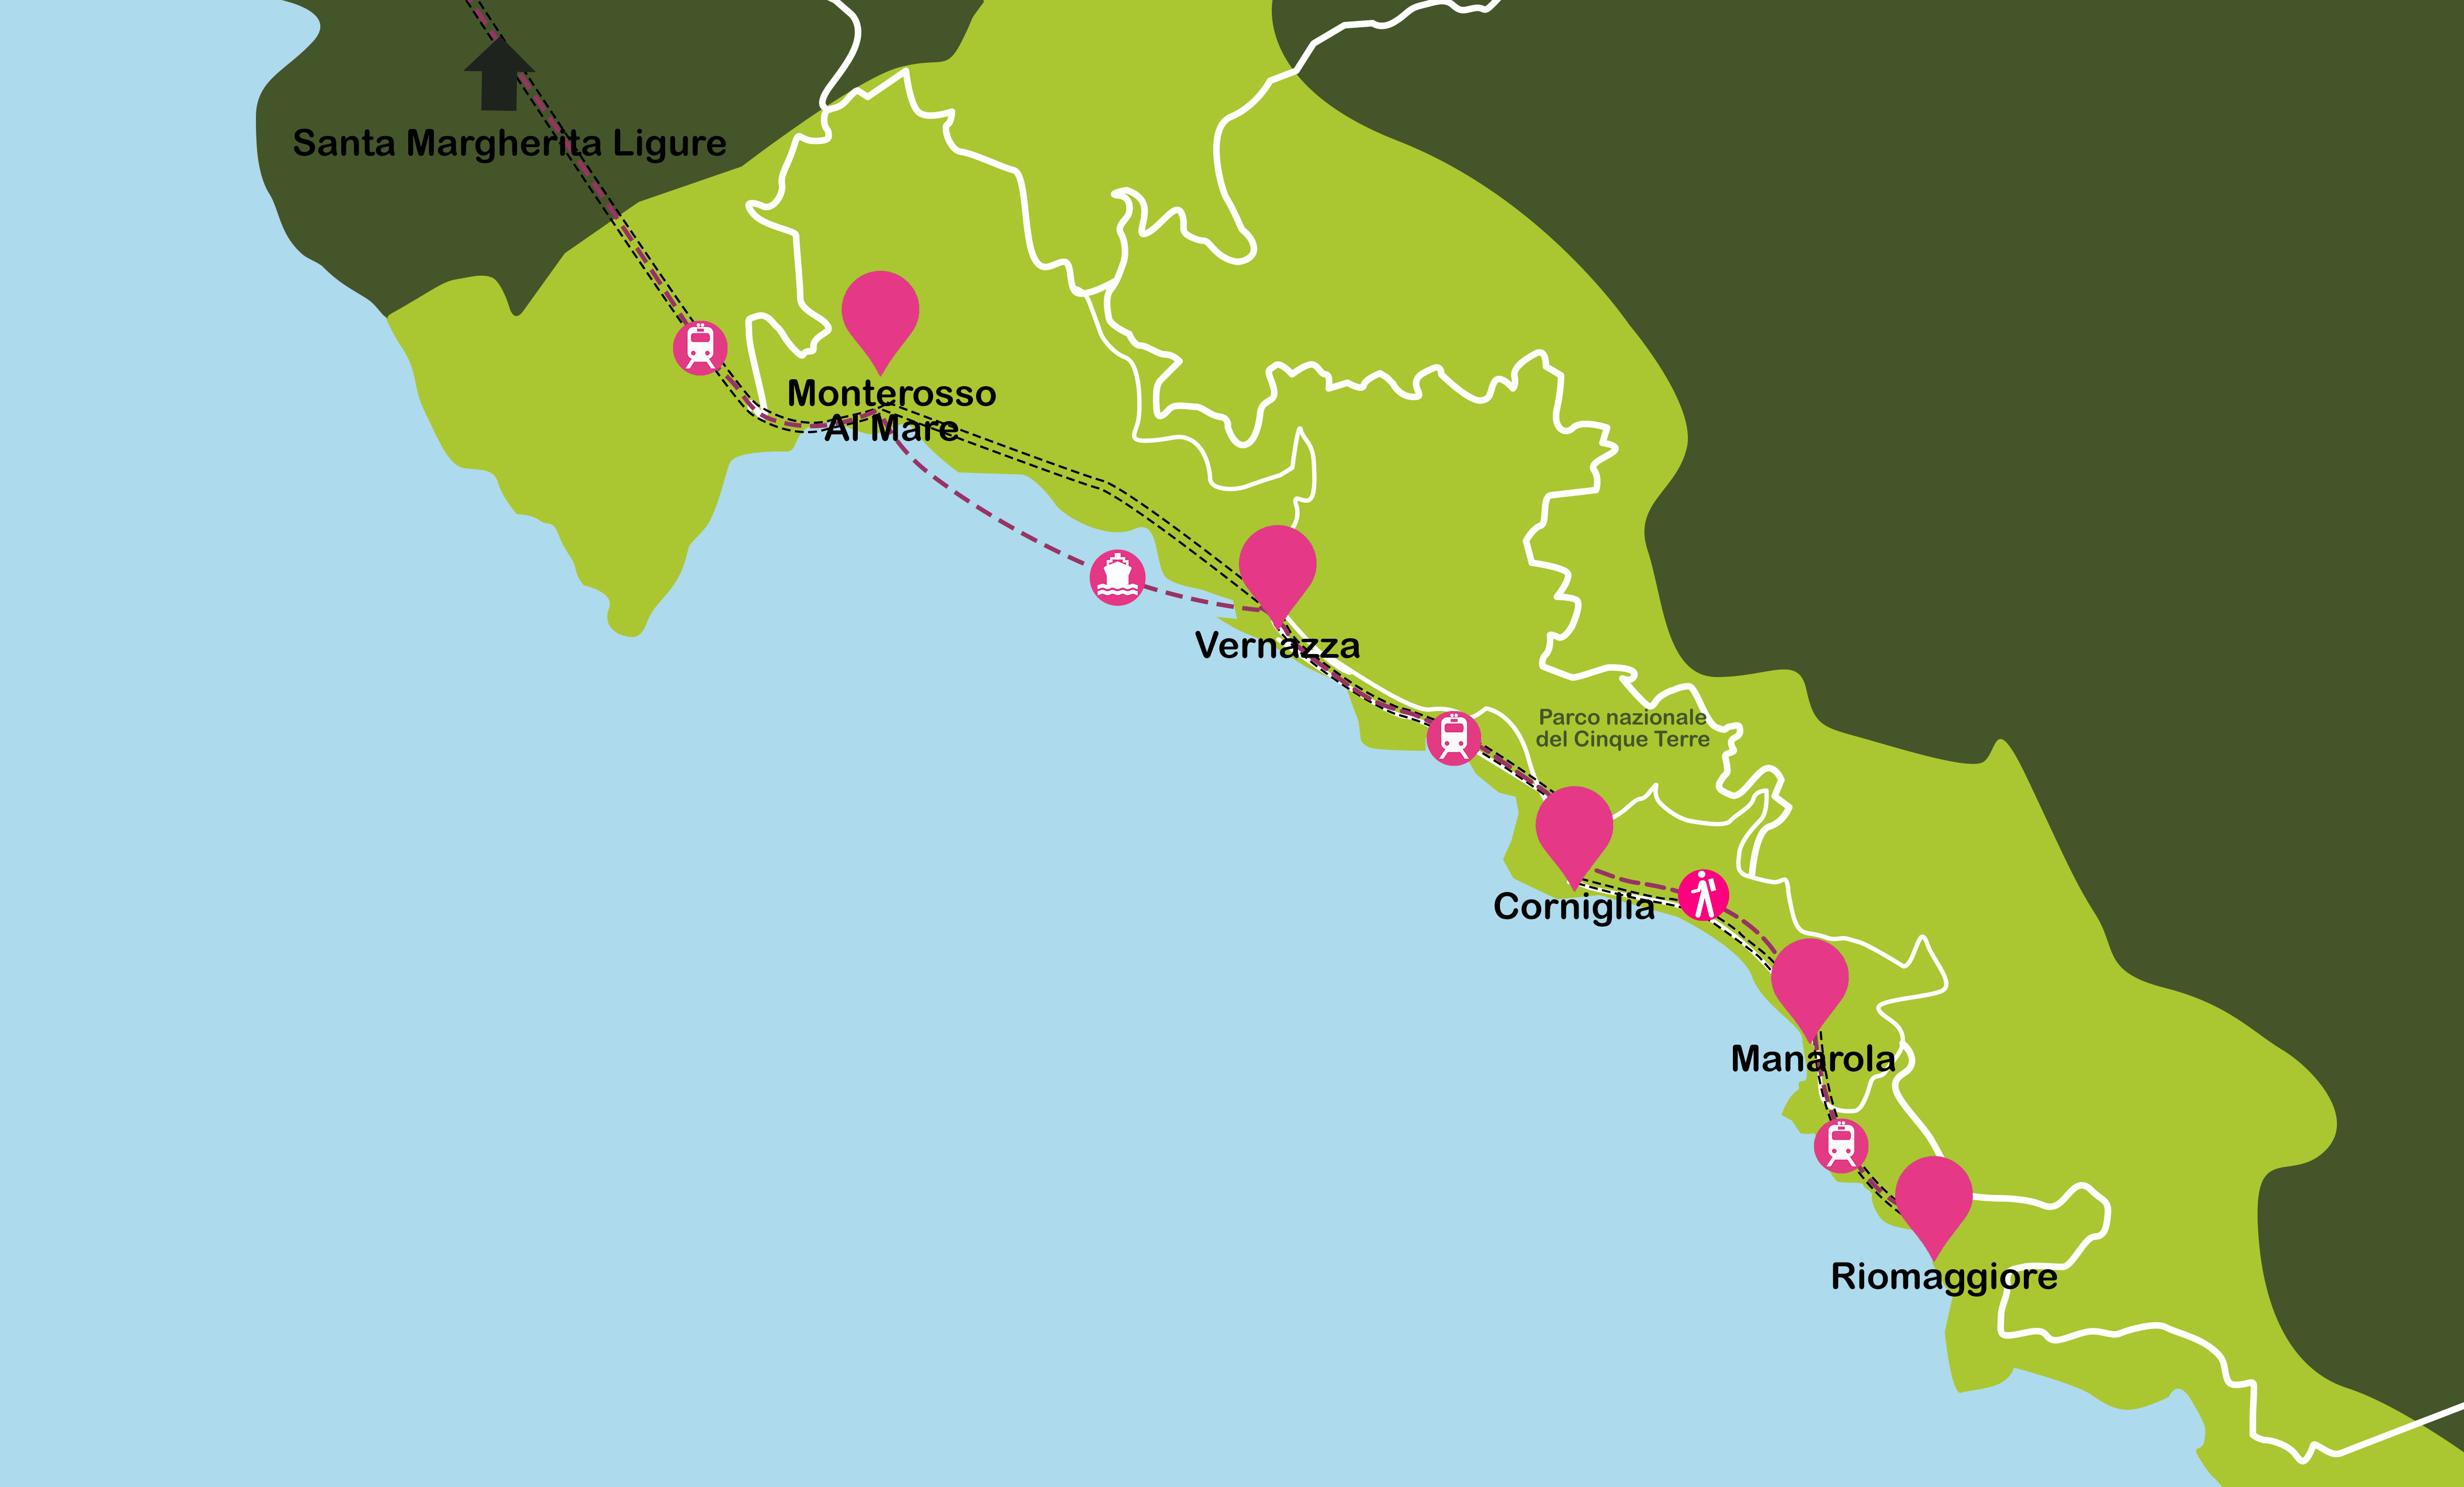 Liguria Travel Map Liguria Plane